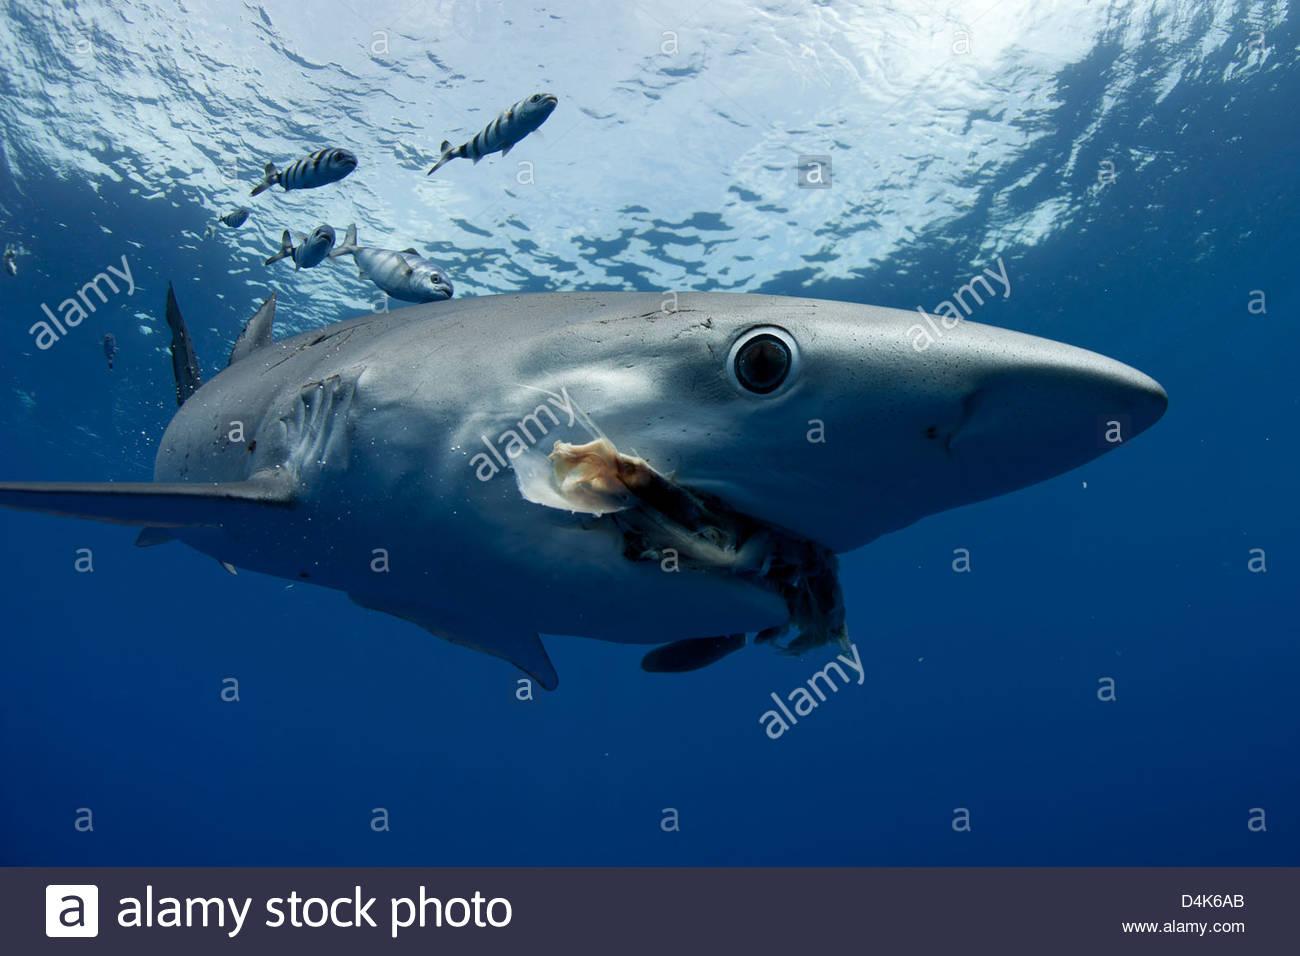 El tiburón y el pez nadando bajo el agua Imagen De Stock